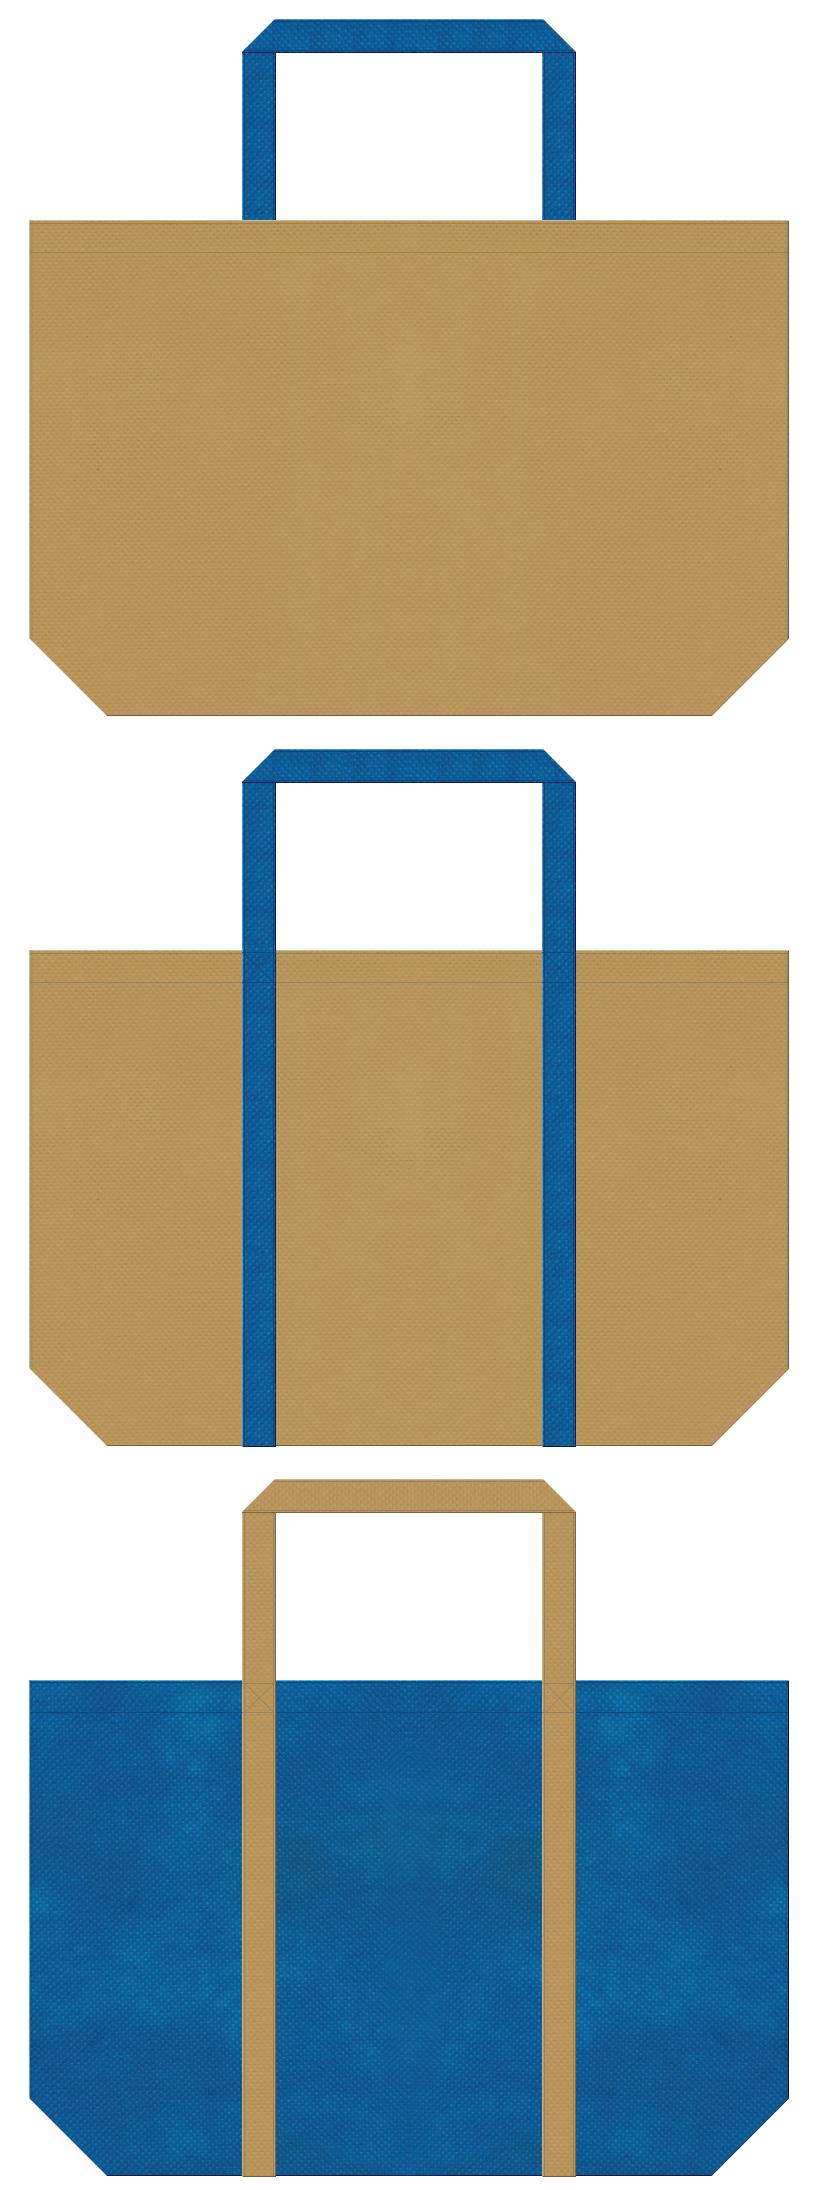 マスタード色と青色の不織布ショッピングバッグデザイン。